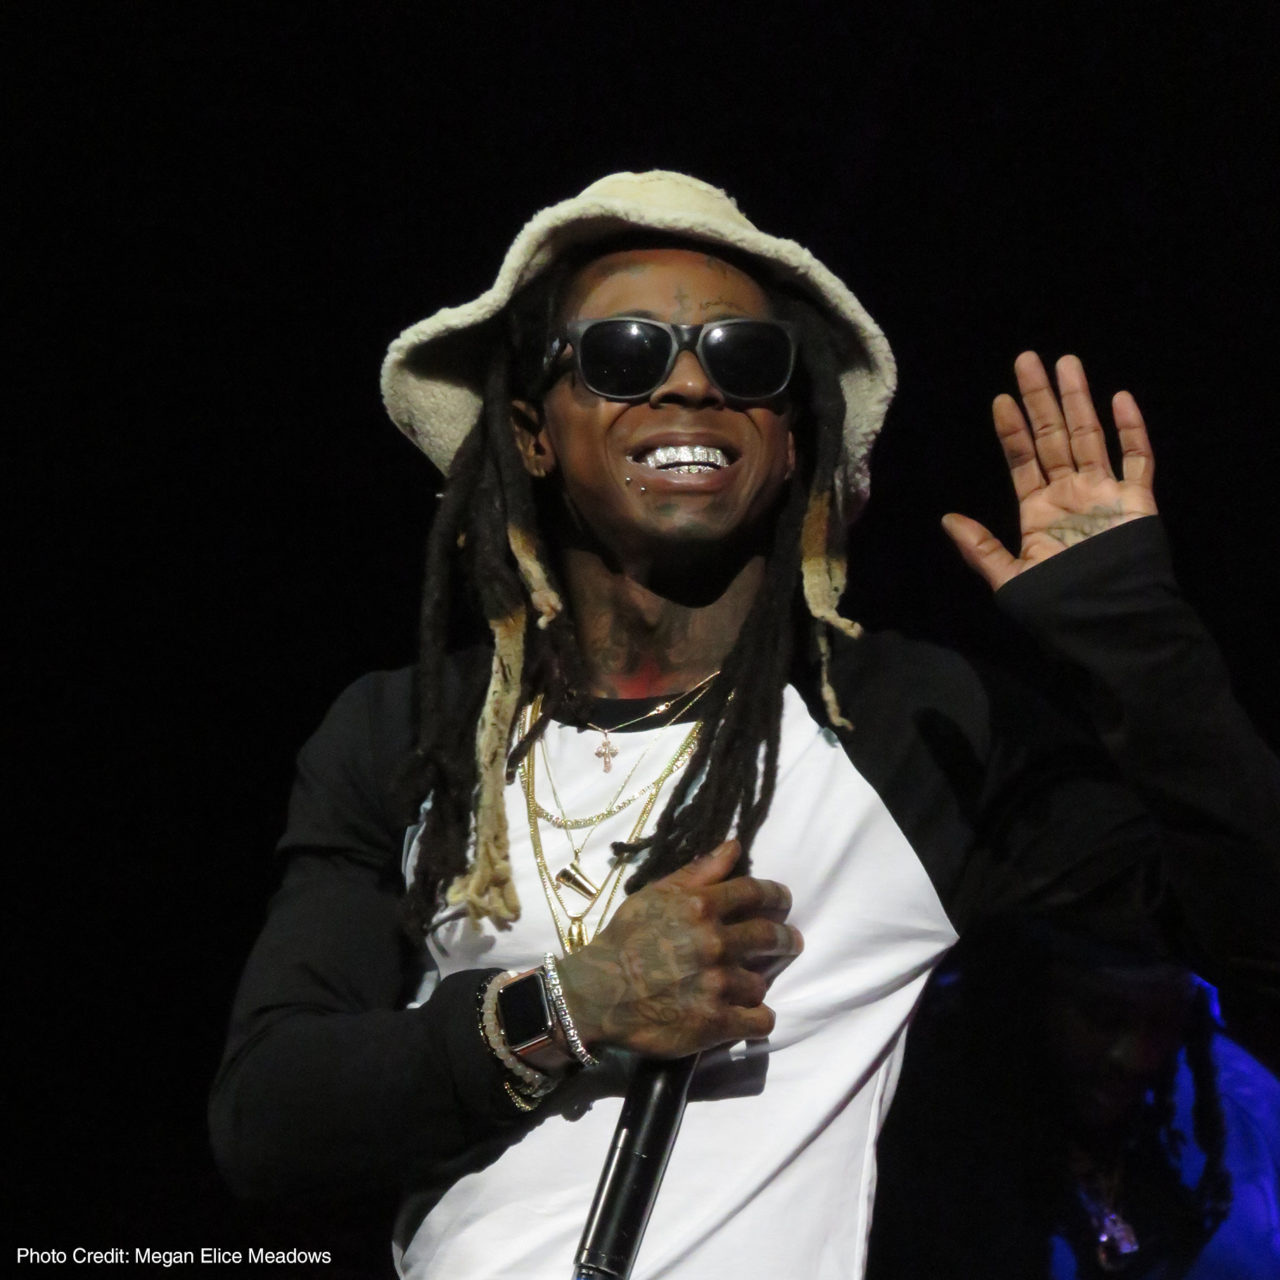 Lil Wayne | Photo by: Megan Elice Meadows